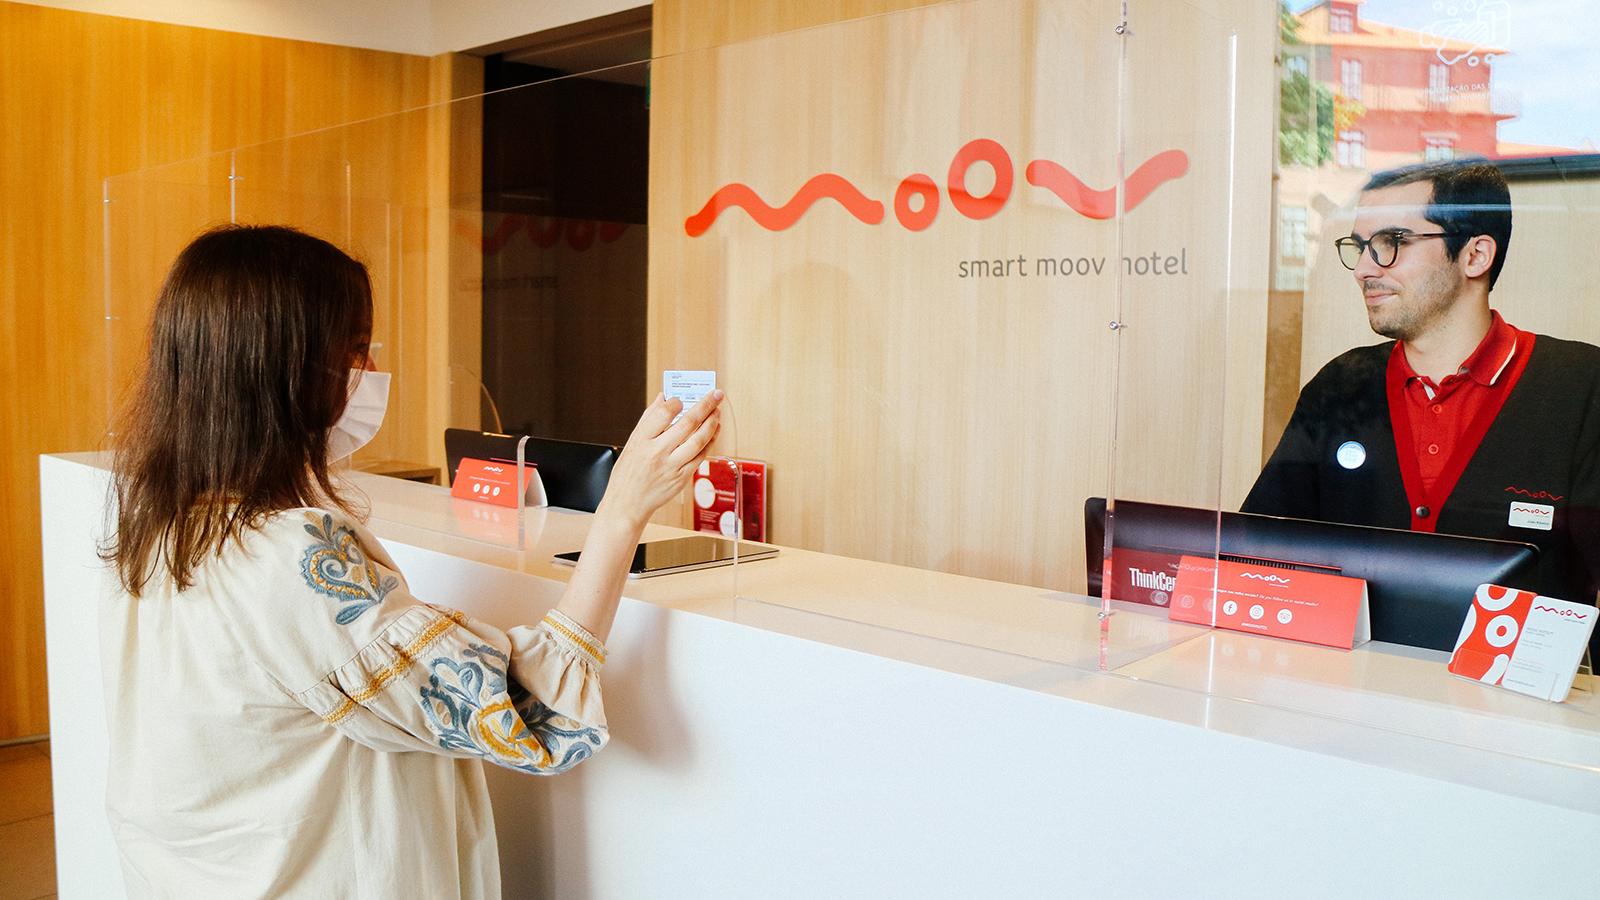 Hotel, Hotel Moov, Moov Hotel, Hotel ,  Hotel, Hotel  Económico, Covid-19,